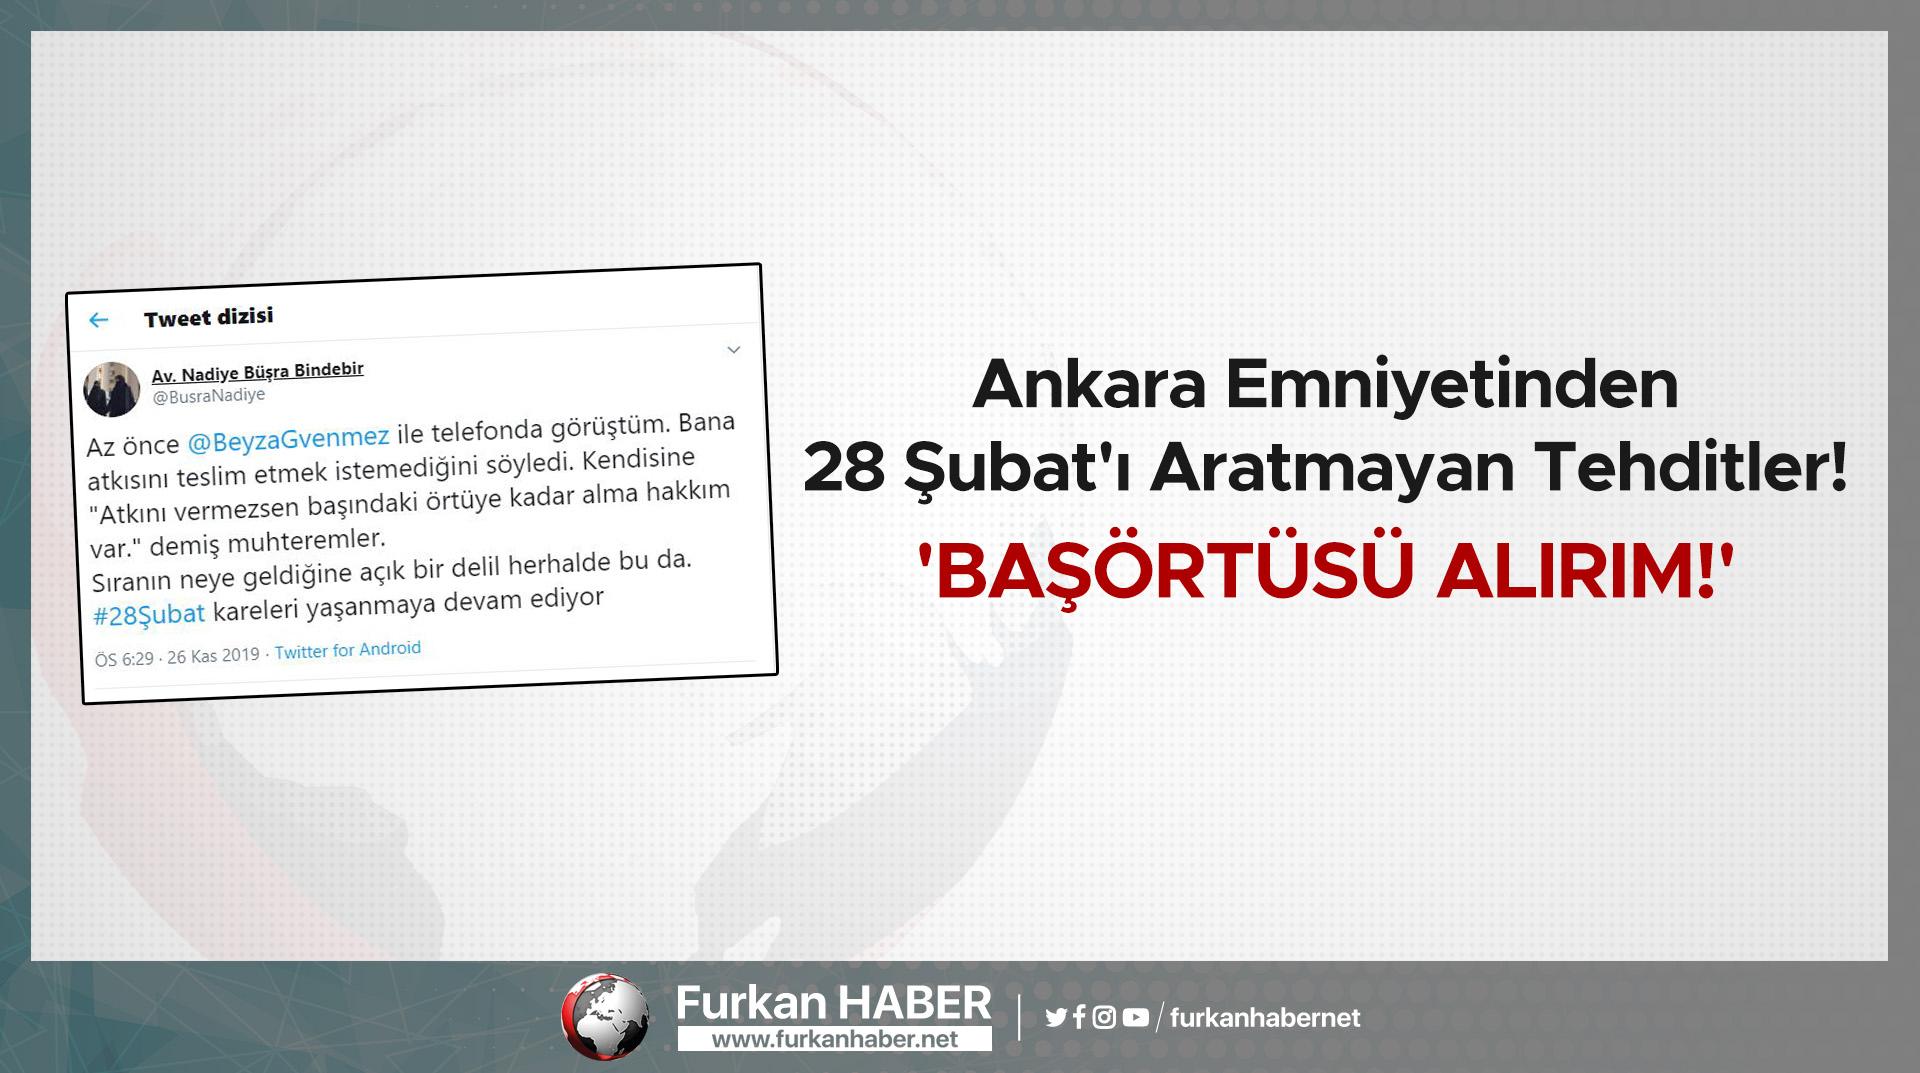 Ankara Emniyetinden 28 Şubat'ı Aratmayan Tehditler! 'Başörtüsü Alırım!'